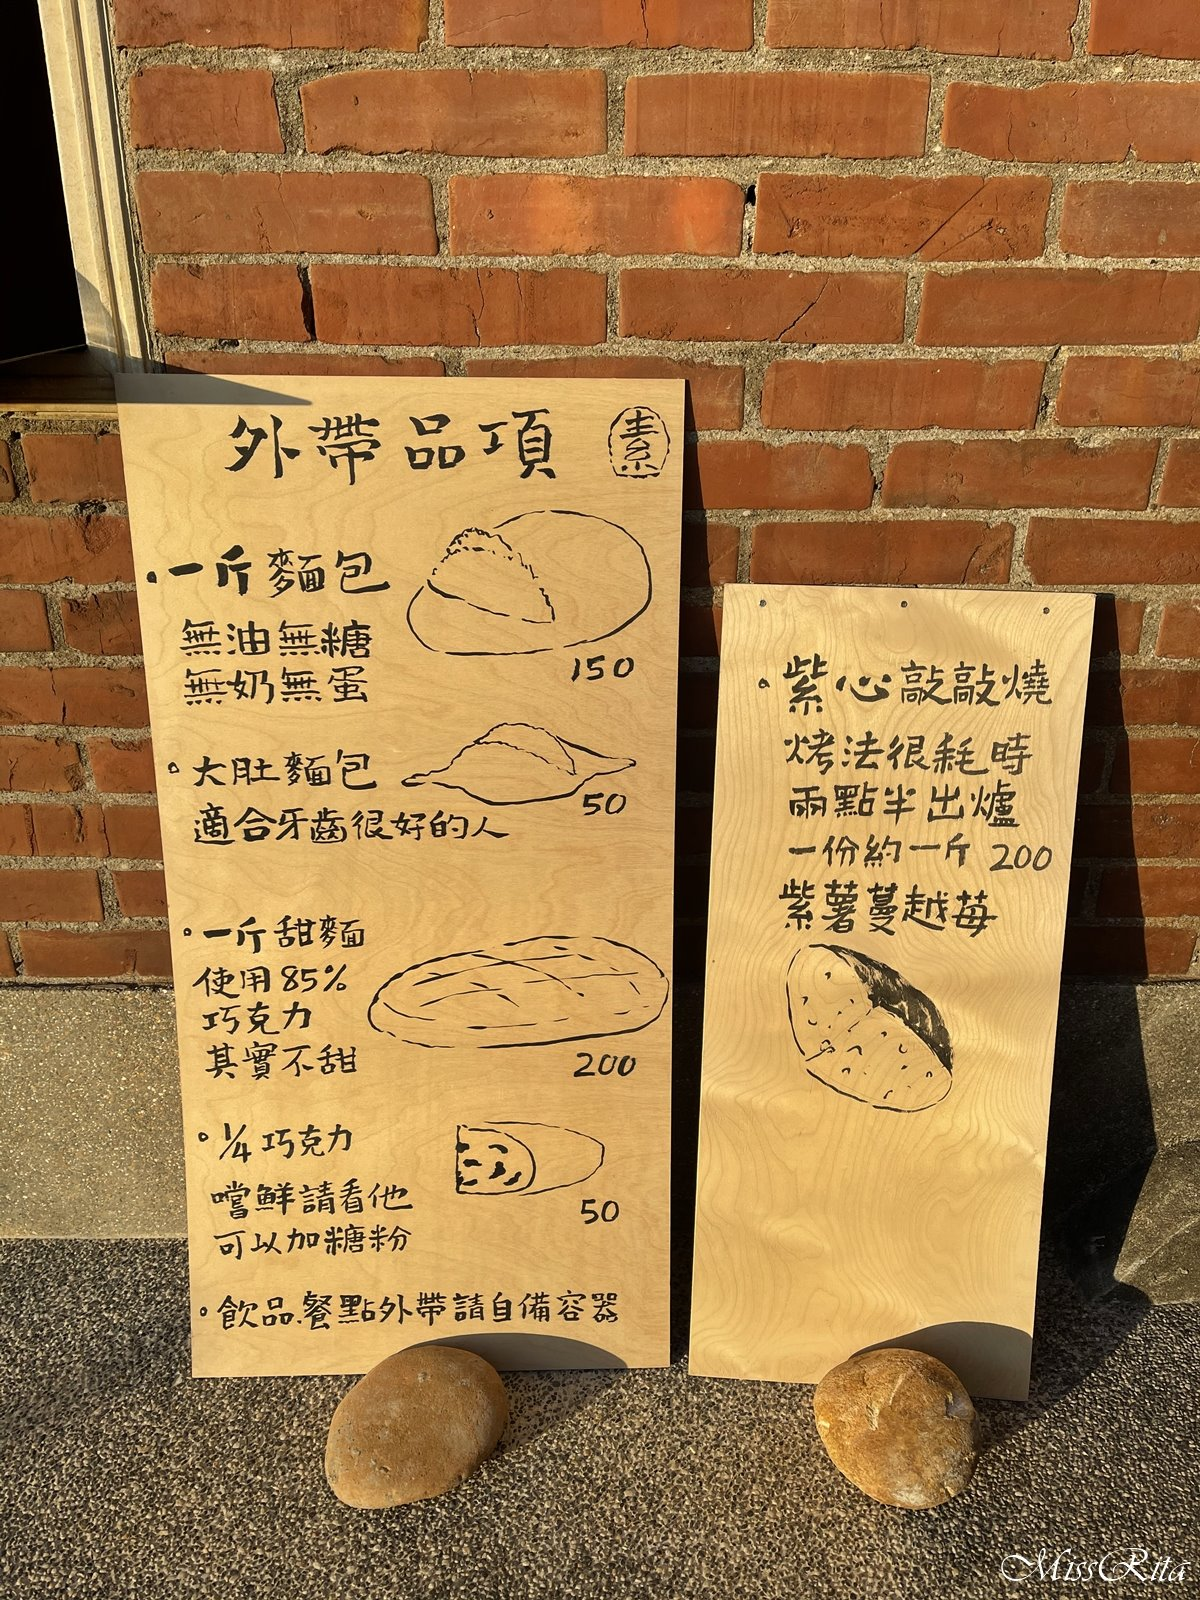 """""""yijinbread,一斤面包,台中麵包,台中天然酵母麵包,天然酵母麵包,台中麵包推薦,大肚美食,大肚山三合院,三合院麵包"""""""